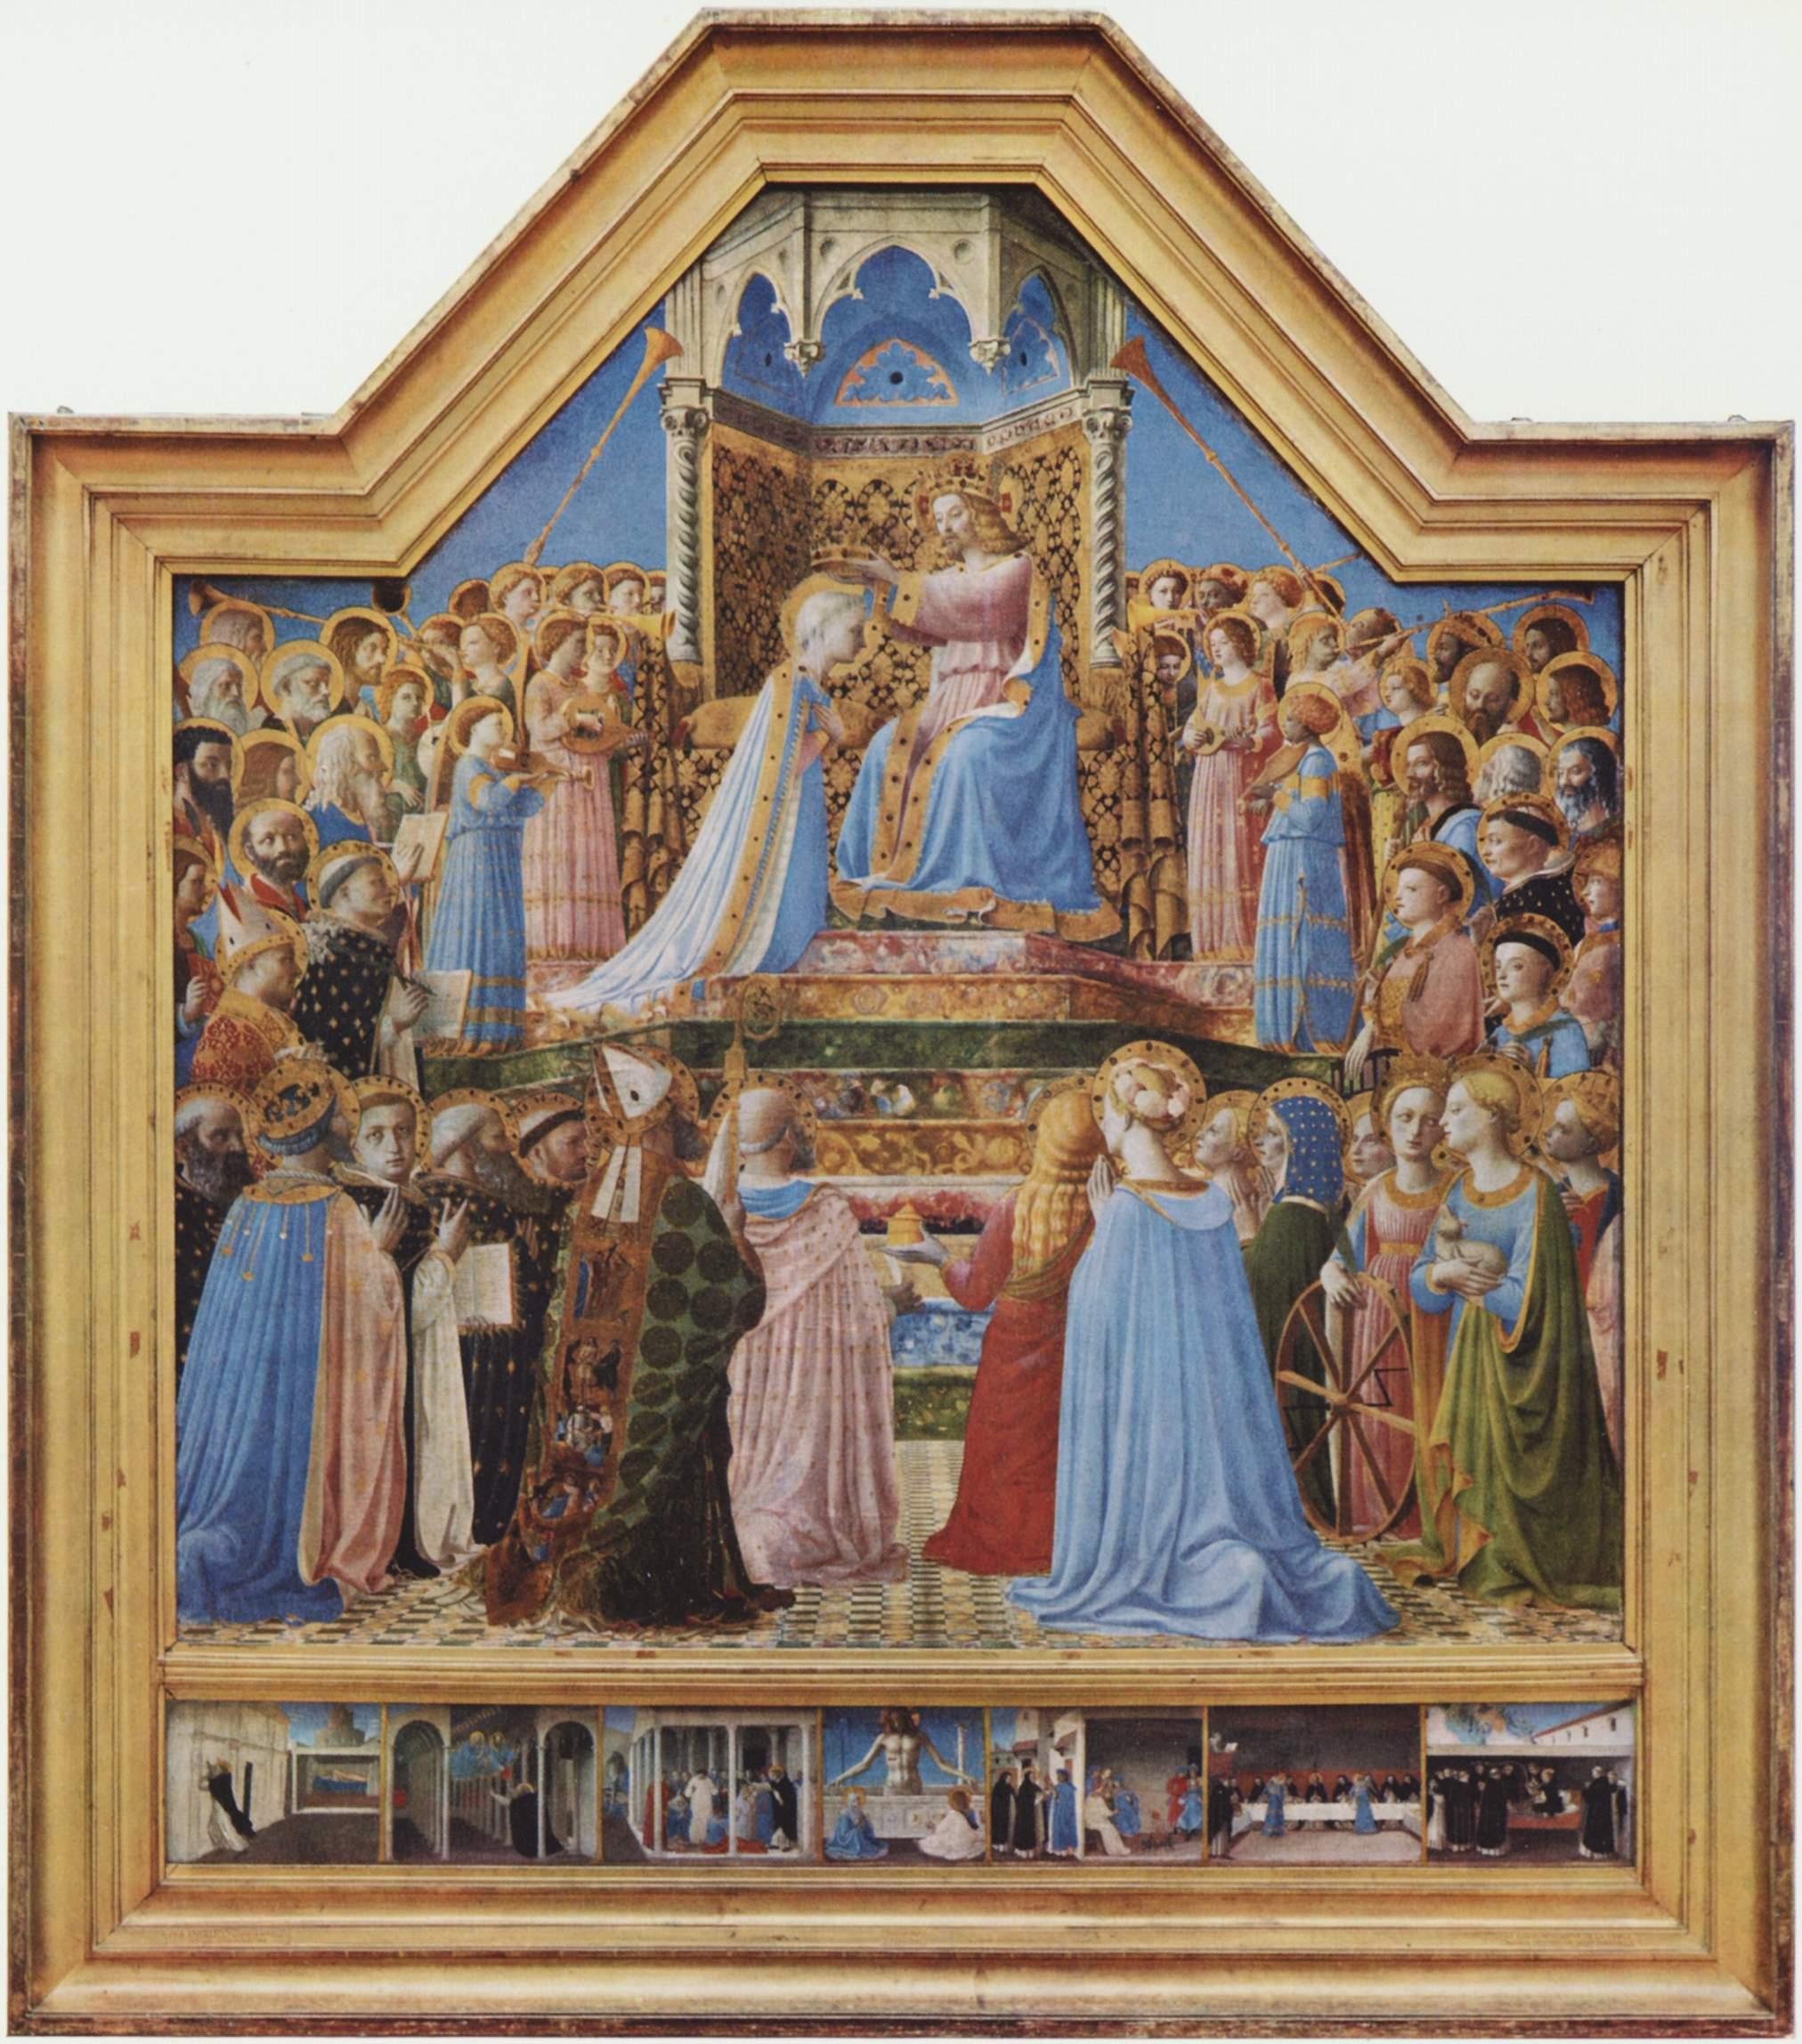 Fra Angelico, Le Couronnement de la Vierge, vers 1430, tempera sur bois, 209 x 206 cm, Paris, musée du Louvre © Musée du Louvre